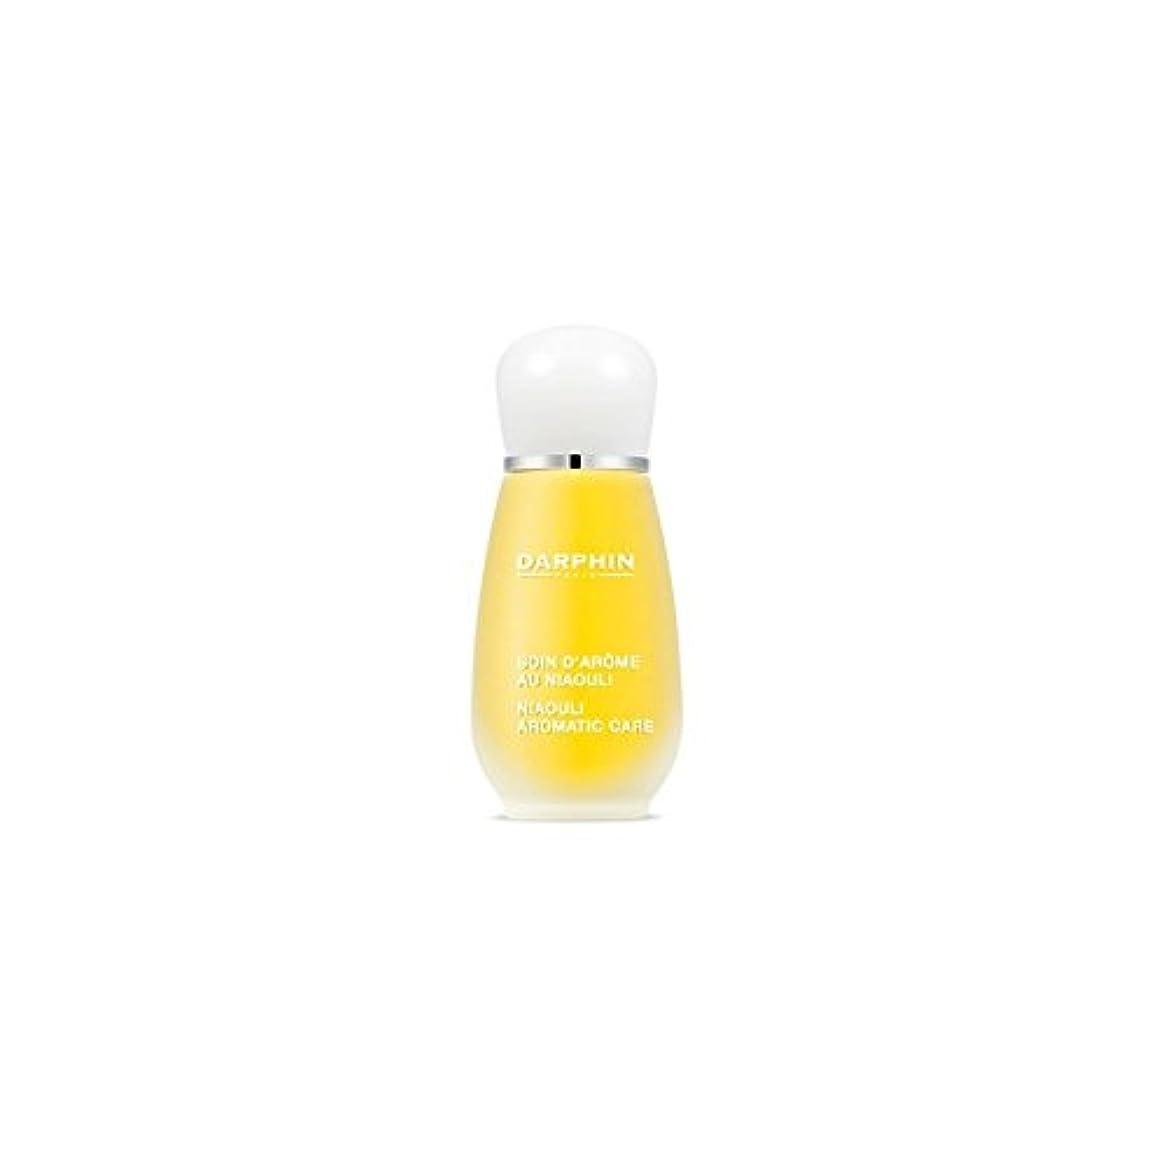 減らすアラブトレイDarphin Niaouli Aromatic Care (15ml) - ダルファンニアウリ芳香ケア(15ミリリットル) [並行輸入品]